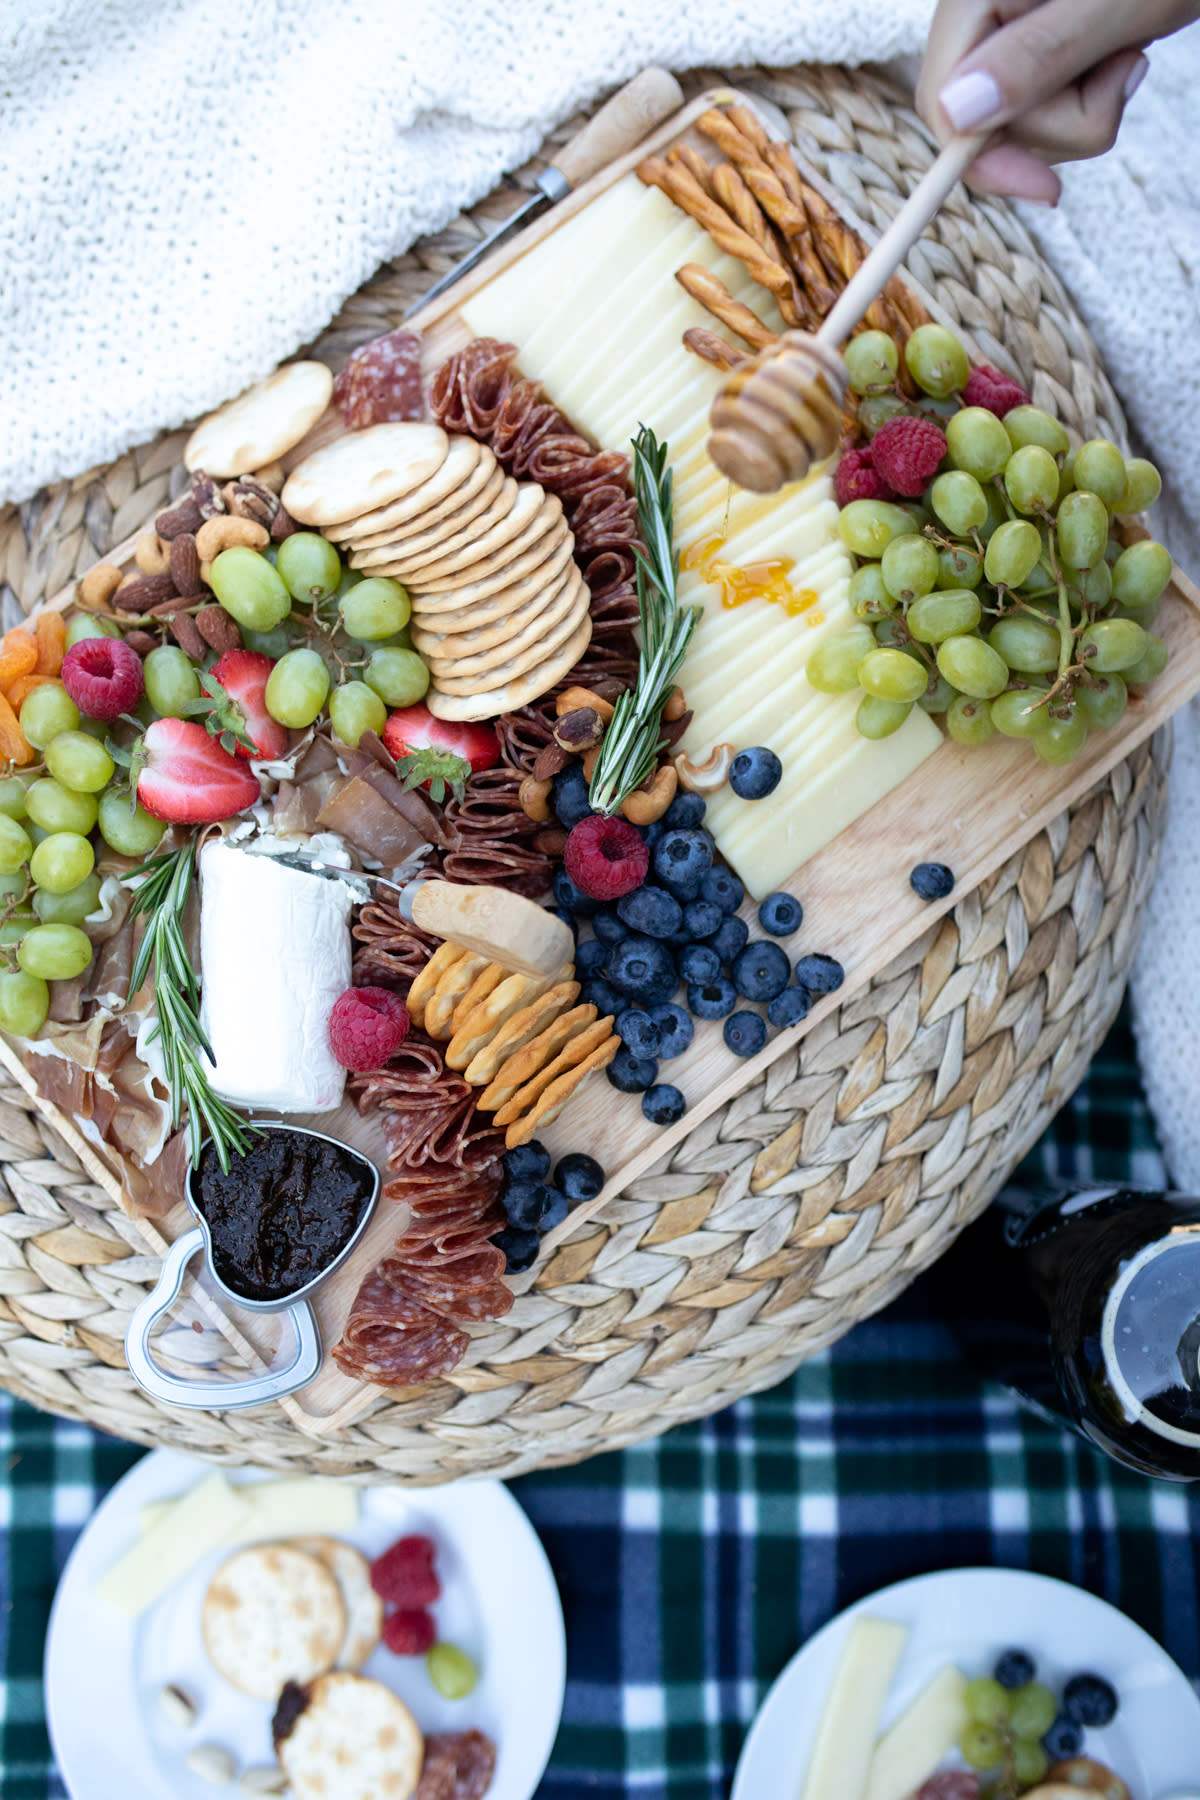 Crackers And Grapes At A Newport Mansions Picnic